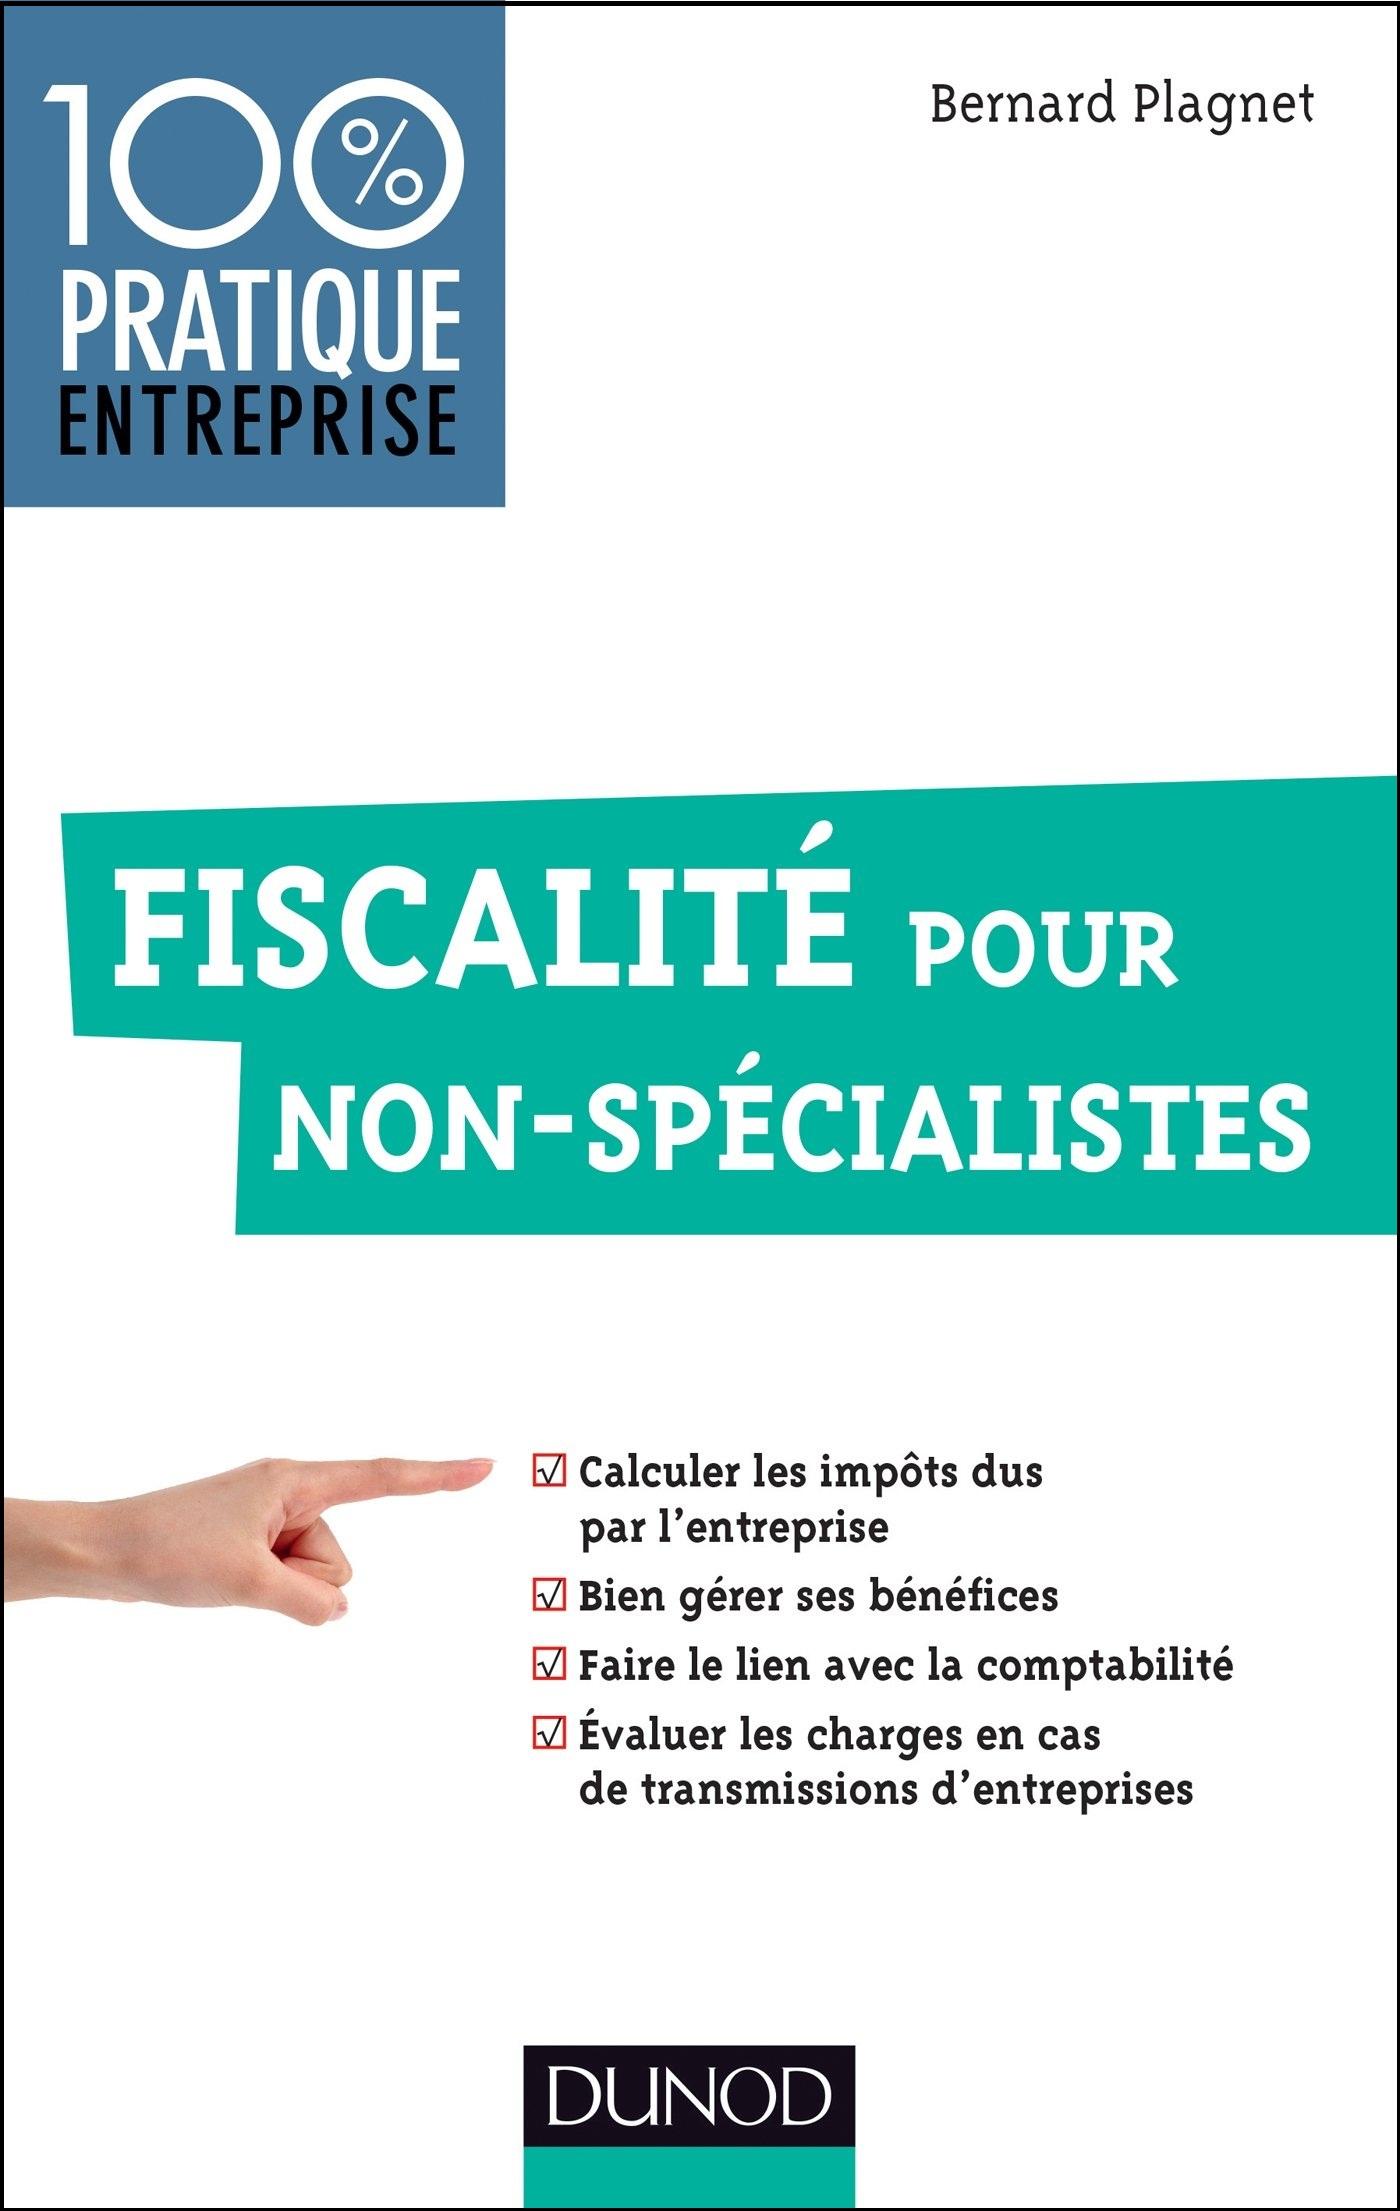 Fiscalité pour non-spécialistes